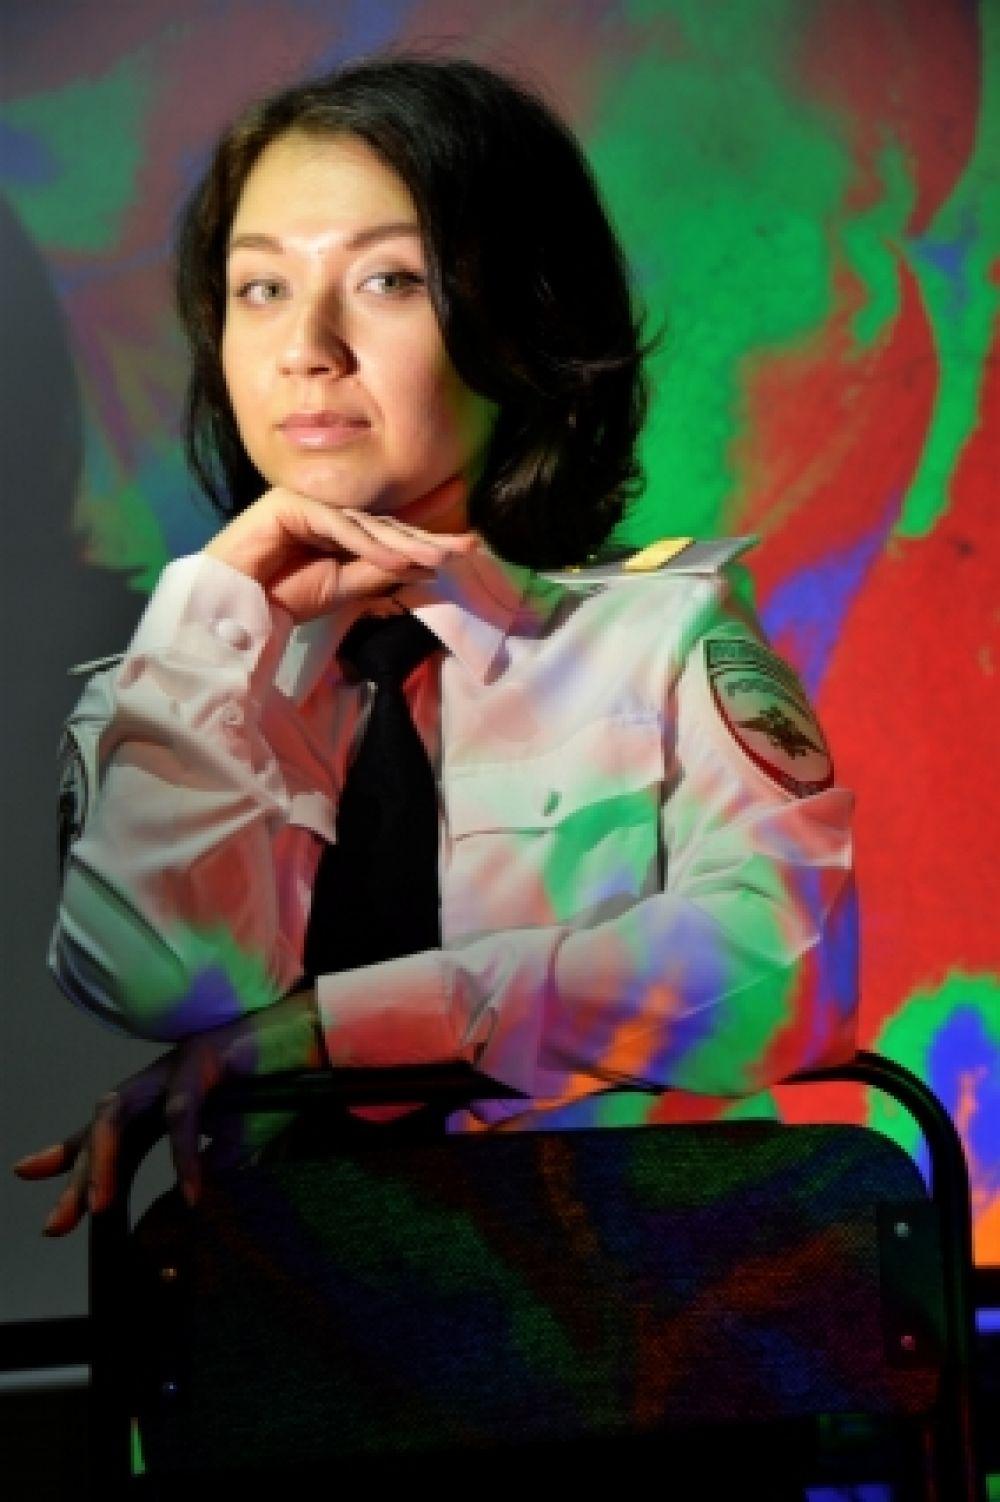 Ольга Парадеева, служит в должности полицейского отдельной роты охраны и конвоирования подозреваемых и обвиняемых УМВД России по г. Комсомольску-на-Амуре.